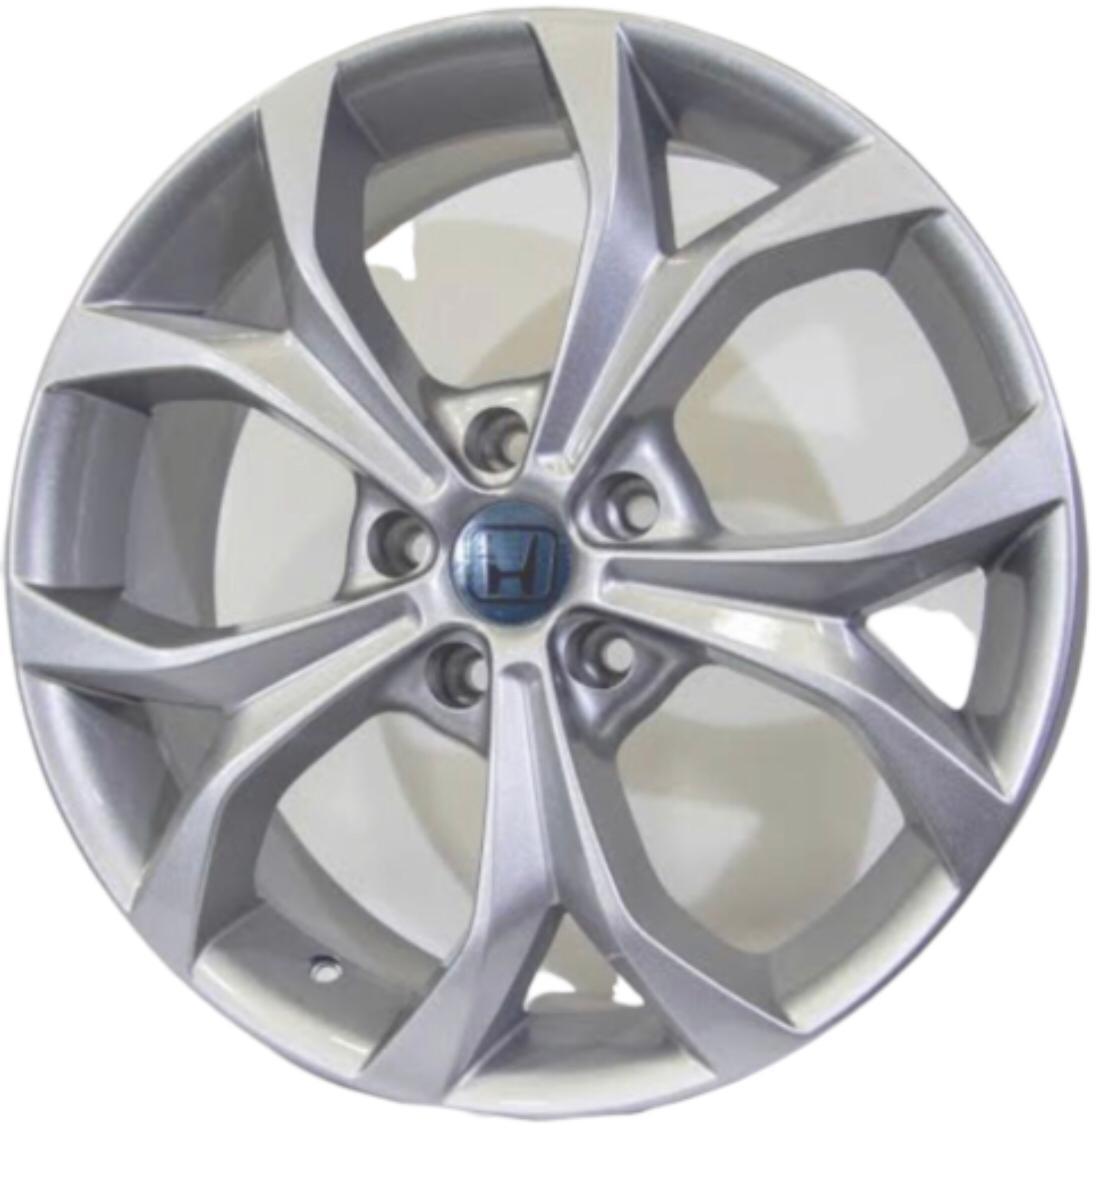 Kit 4 Rodas Aro 17x7 New Civic 5X114,3 Prata Zk-510